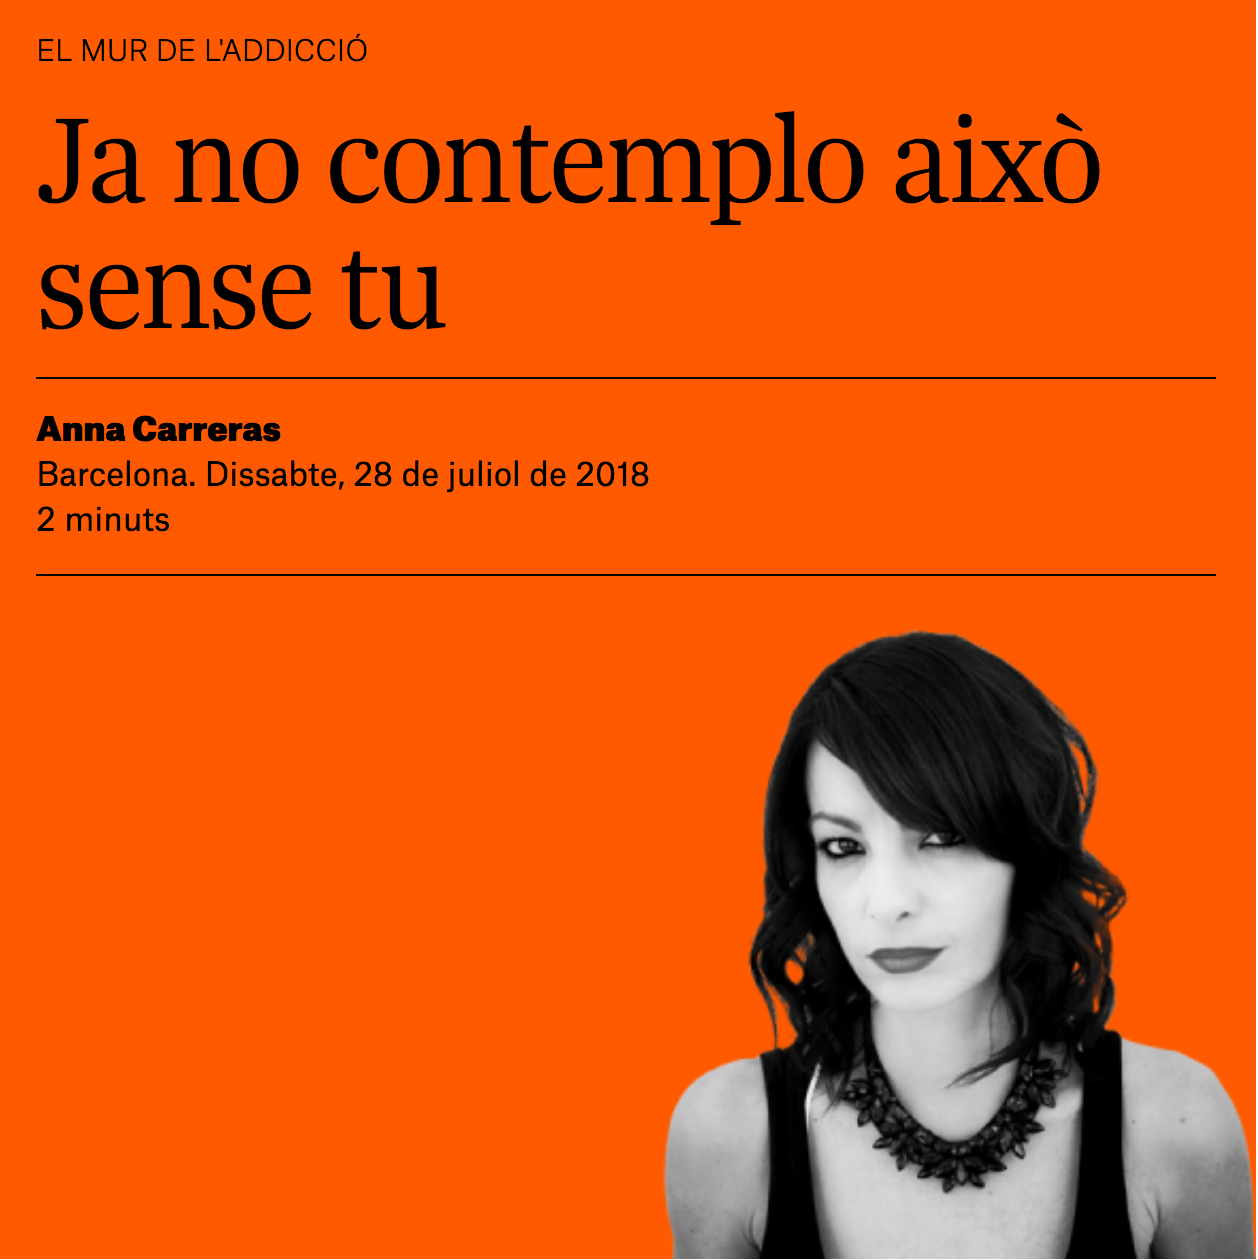 LA LLANÇA ANNA C. FOTO